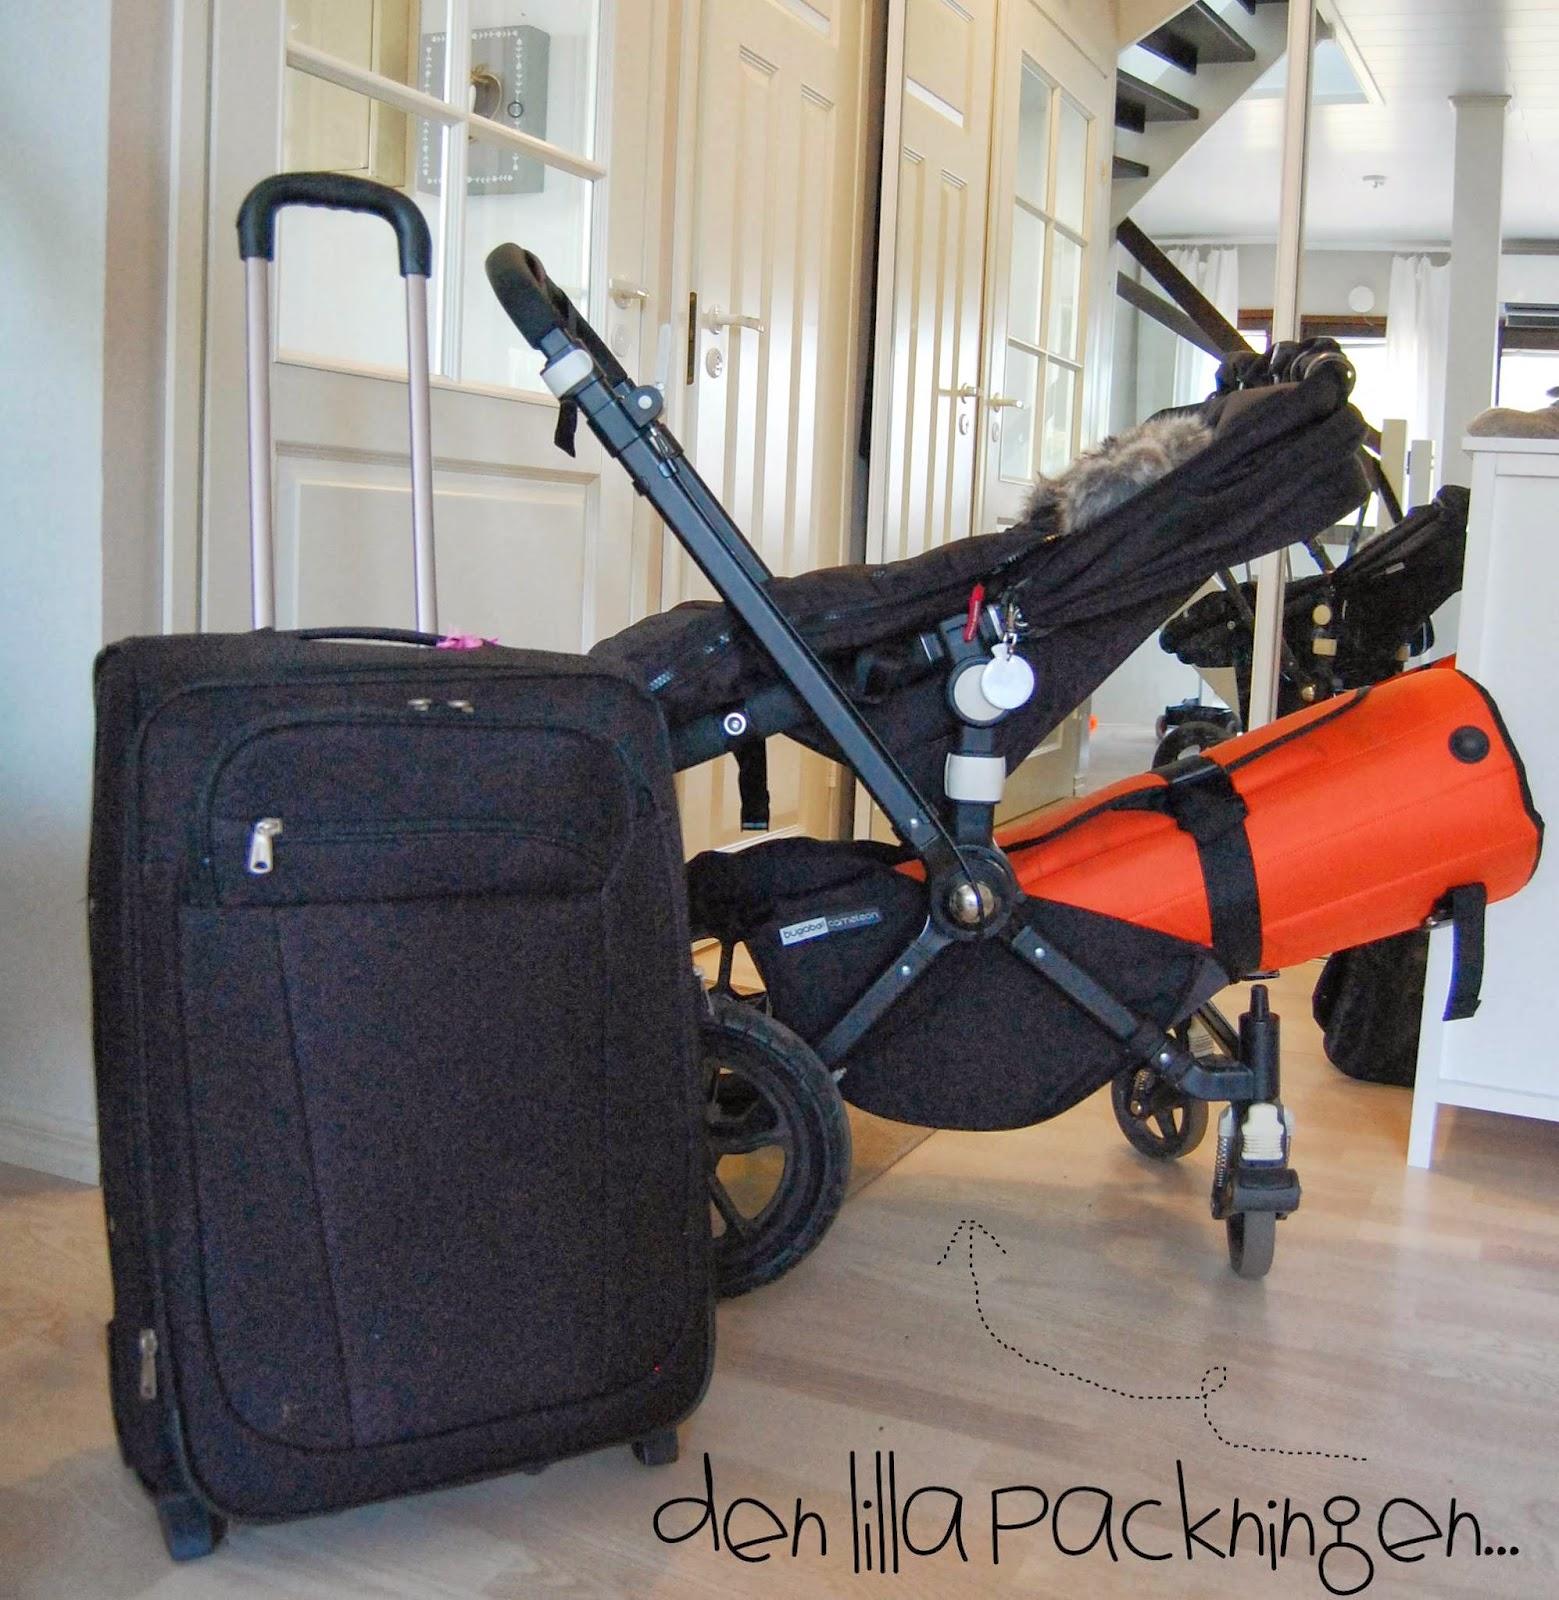 Handväska Och Handbagage : Lilla hanna i stora v?rlden rese stressarn h?r hej